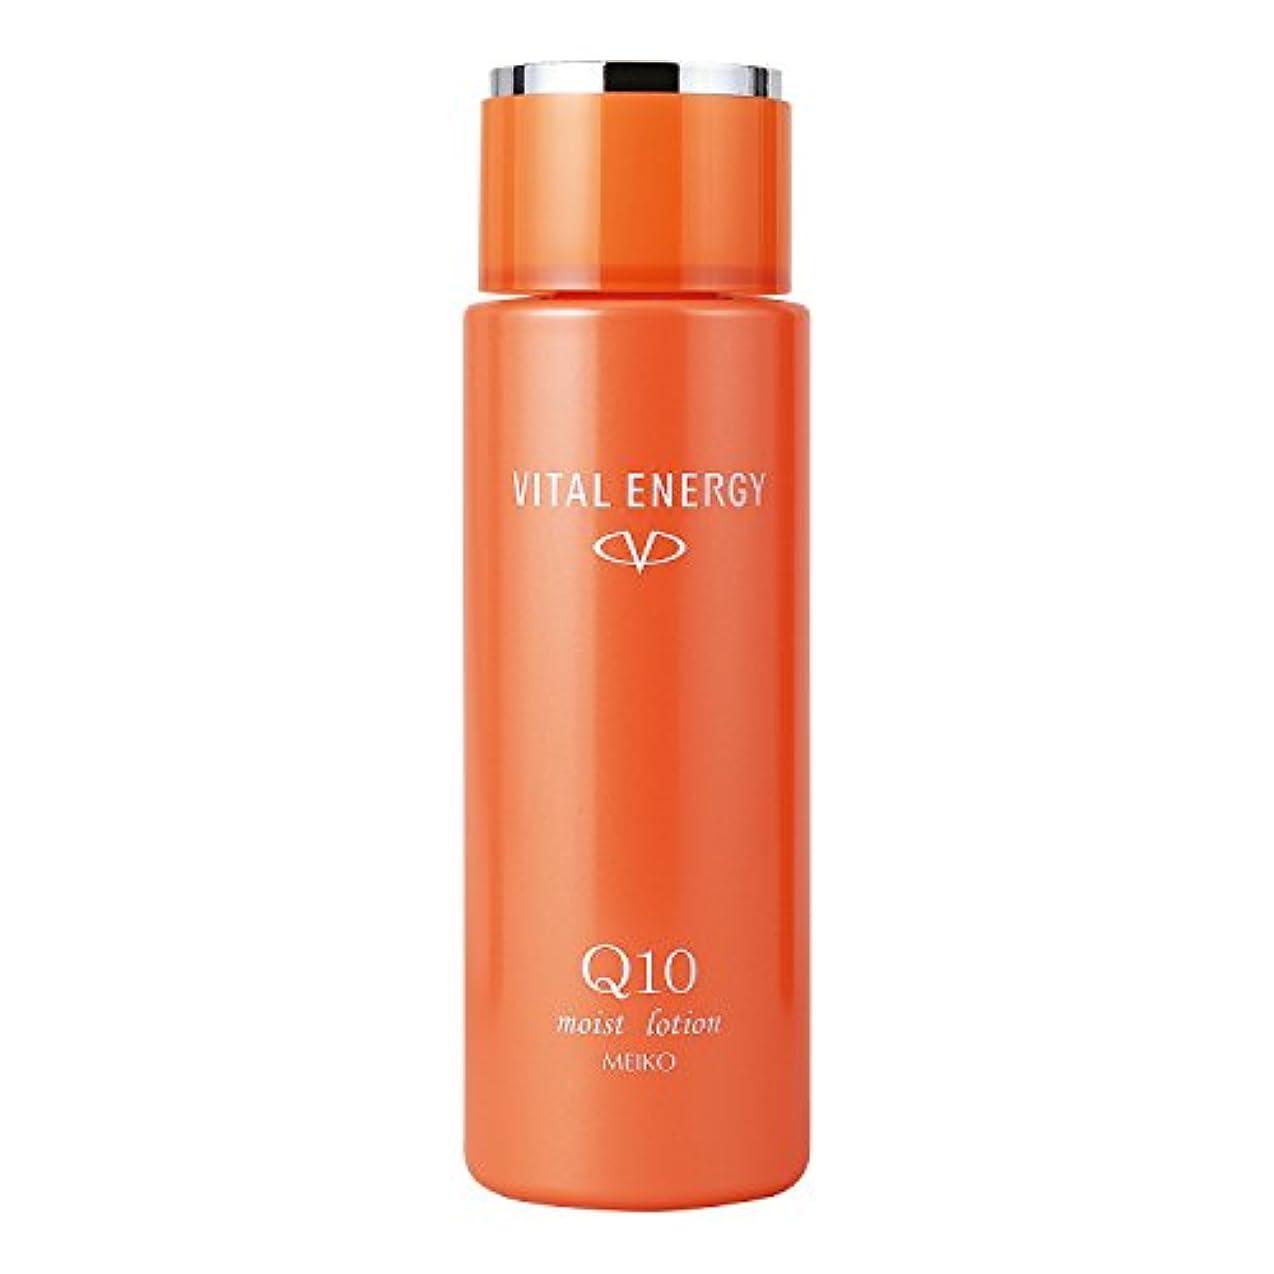 化粧水 モイストローション (保湿化粧水 ローション コエンザイム Q10 ヒアル口ン酸 乾燥 ハリ) 【バイタルエナジー】